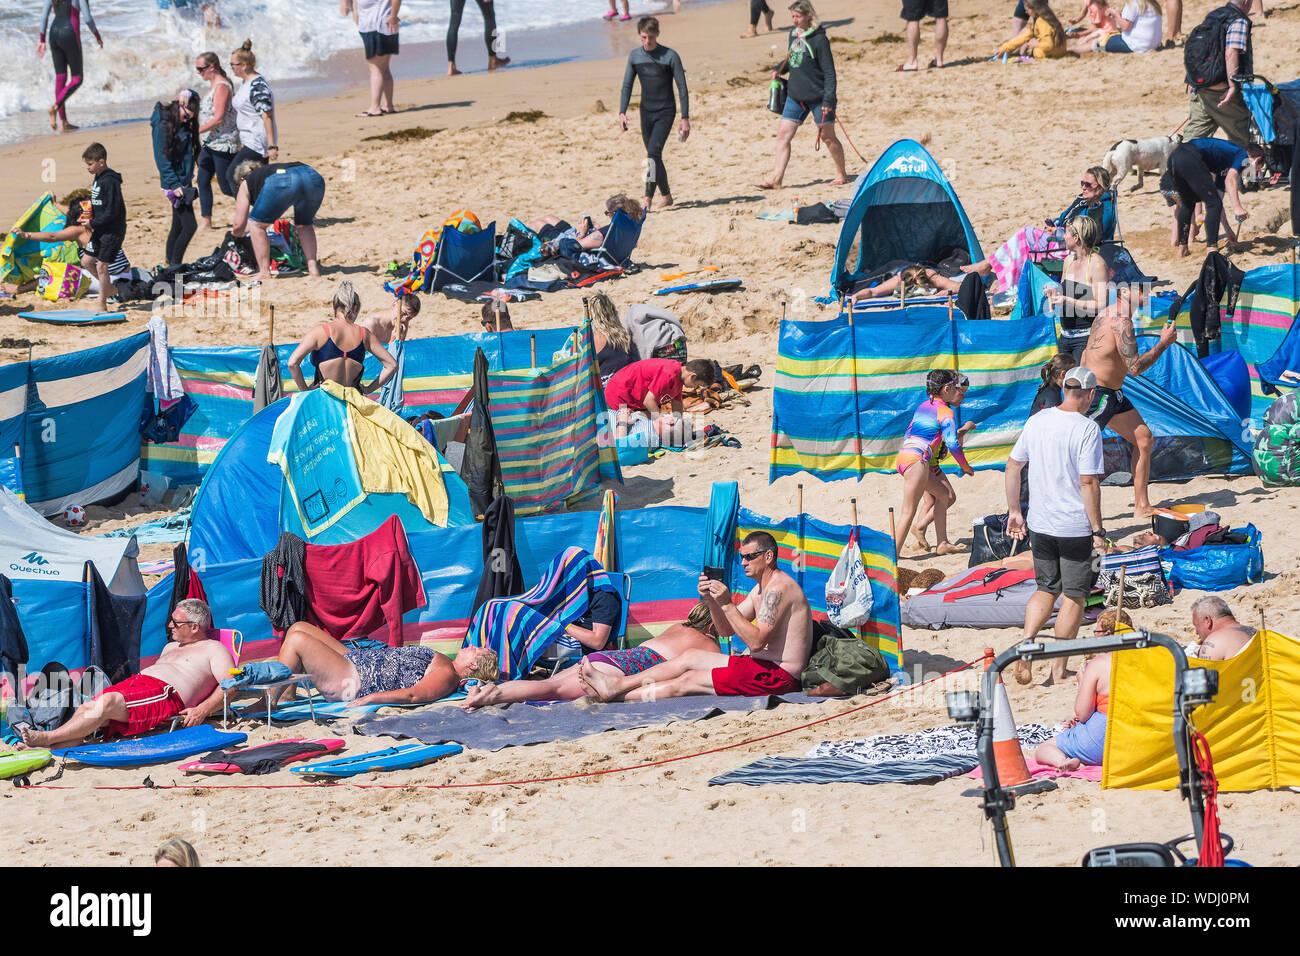 Les vacanciers s'amuser sur la plage de Fistral à Newquay en Cornouailles au cours de l'été. Banque D'Images